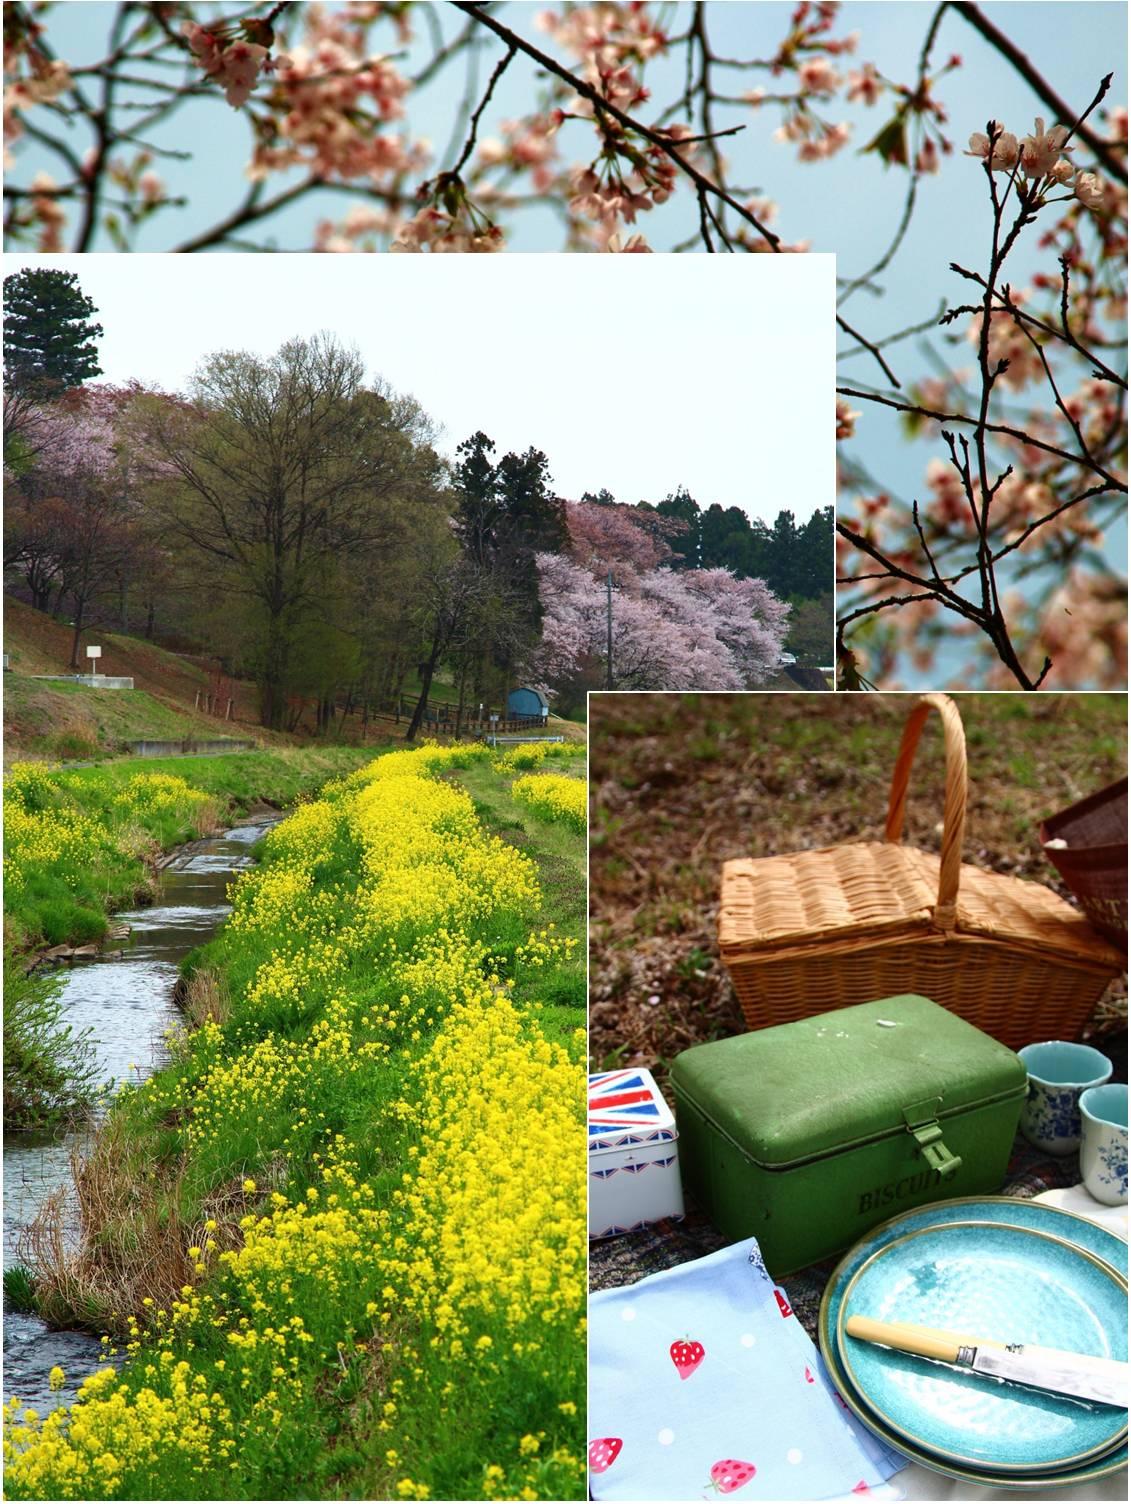 ピクニック in 桜吹雪_a0107981_1528244.jpg